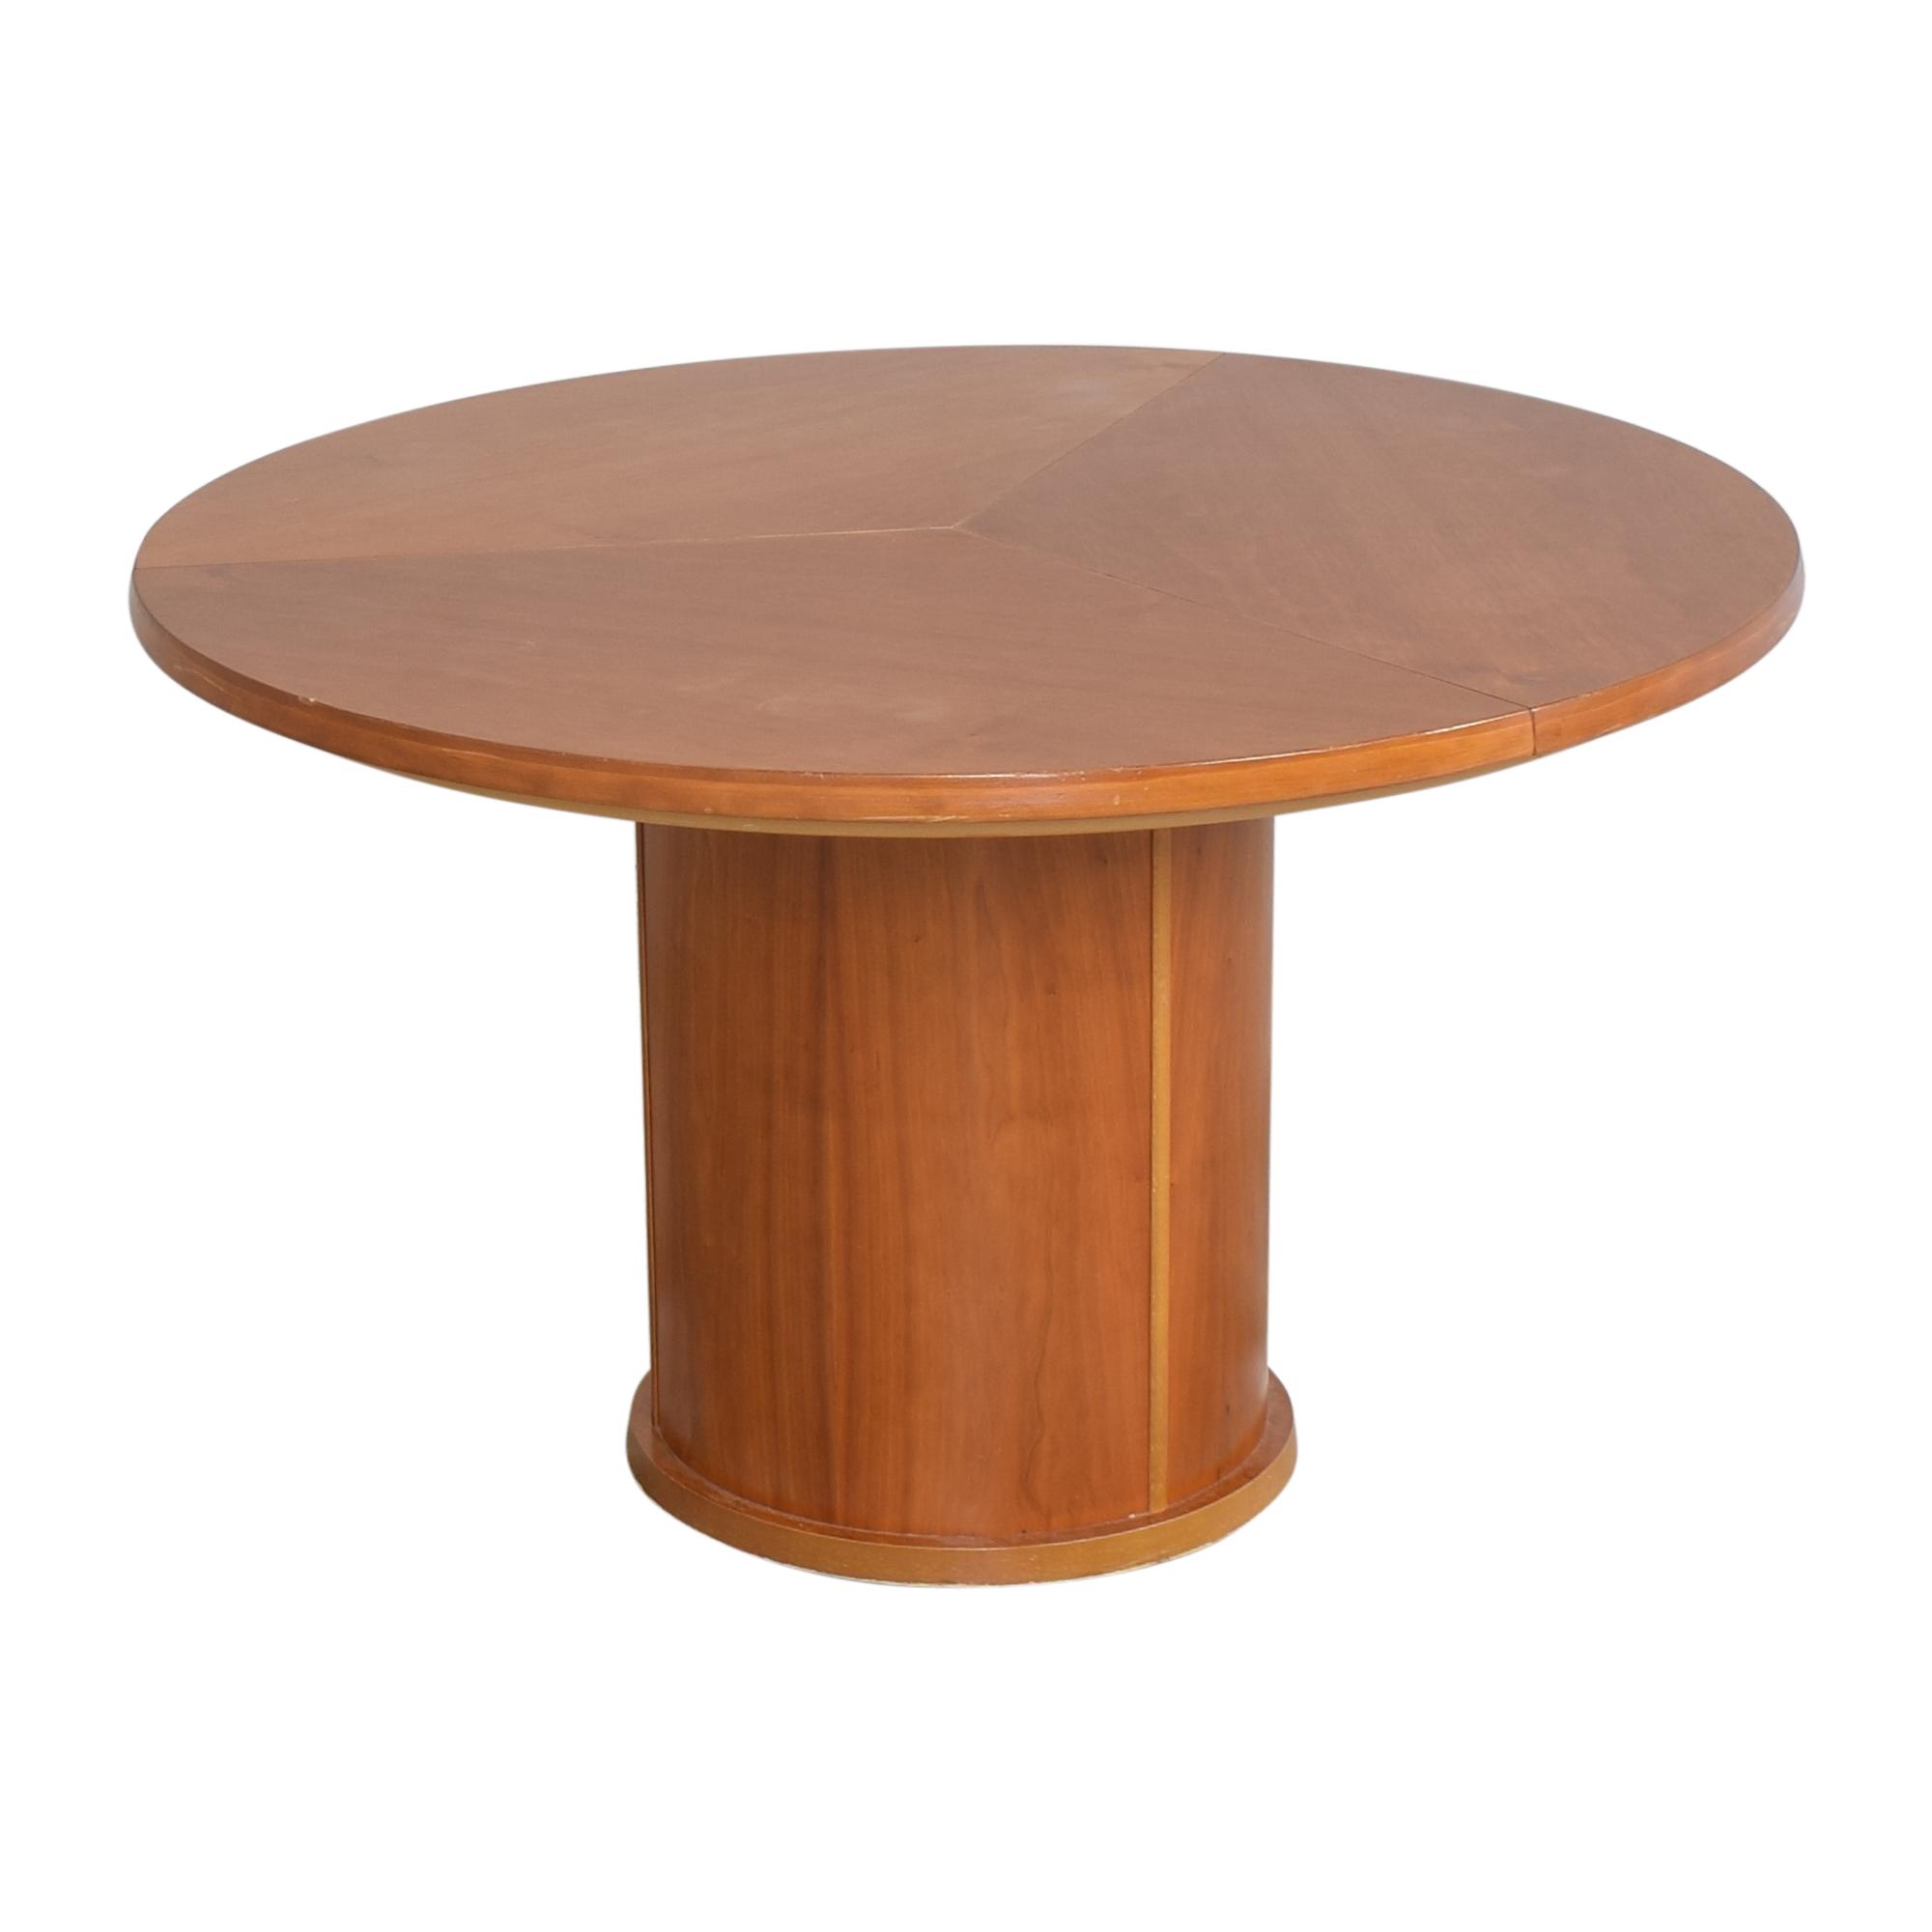 Skovby Skovby SM 32 Dining Table Tables